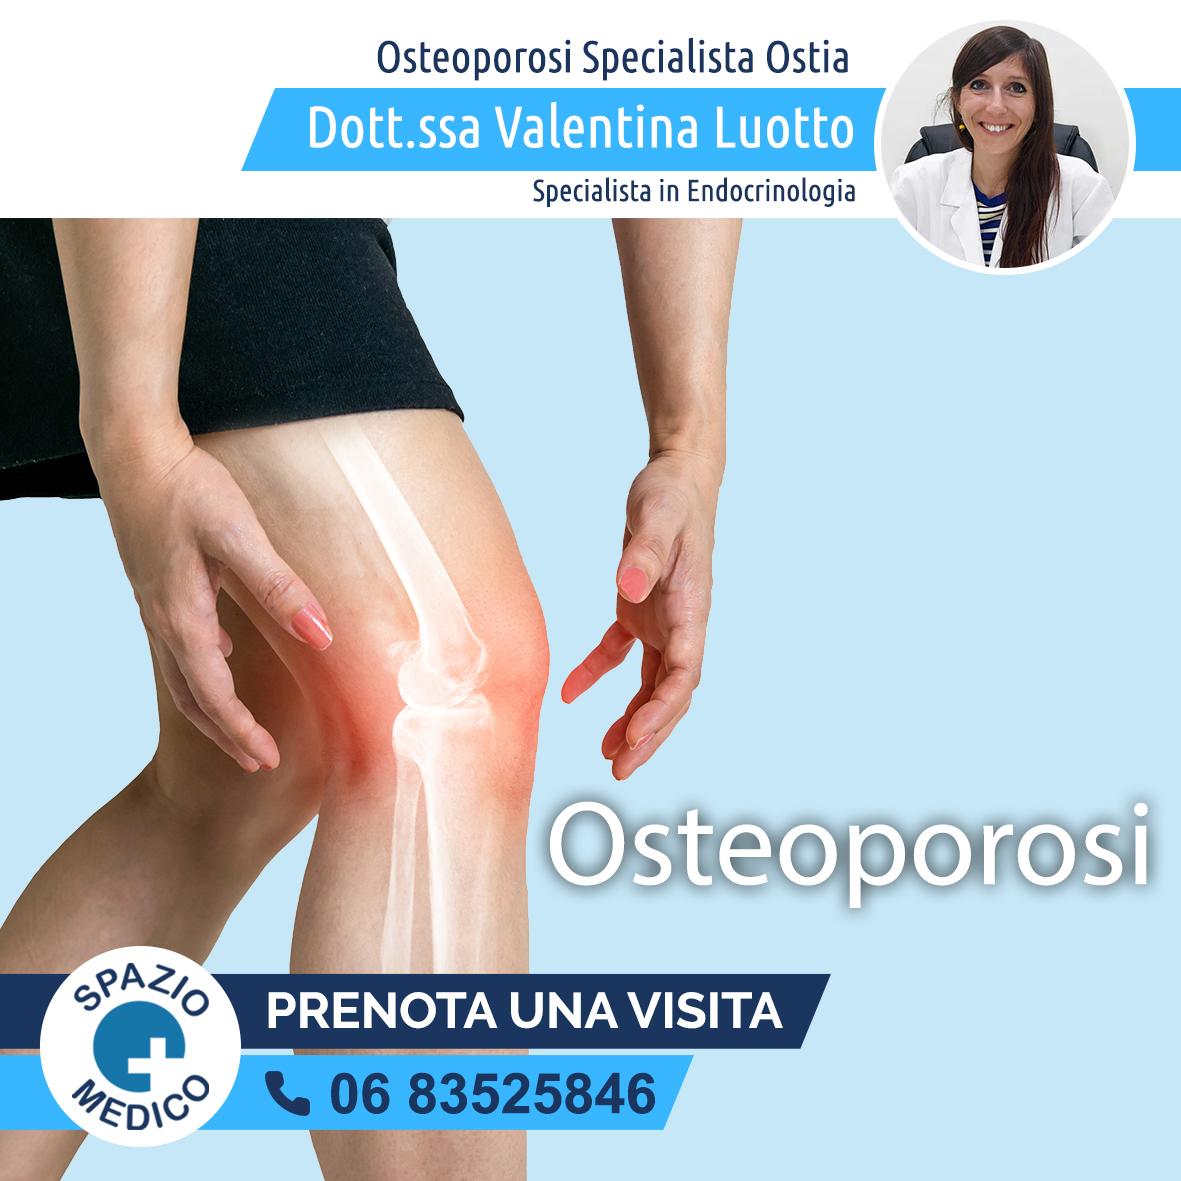 osteoporosi endicronologo ostia